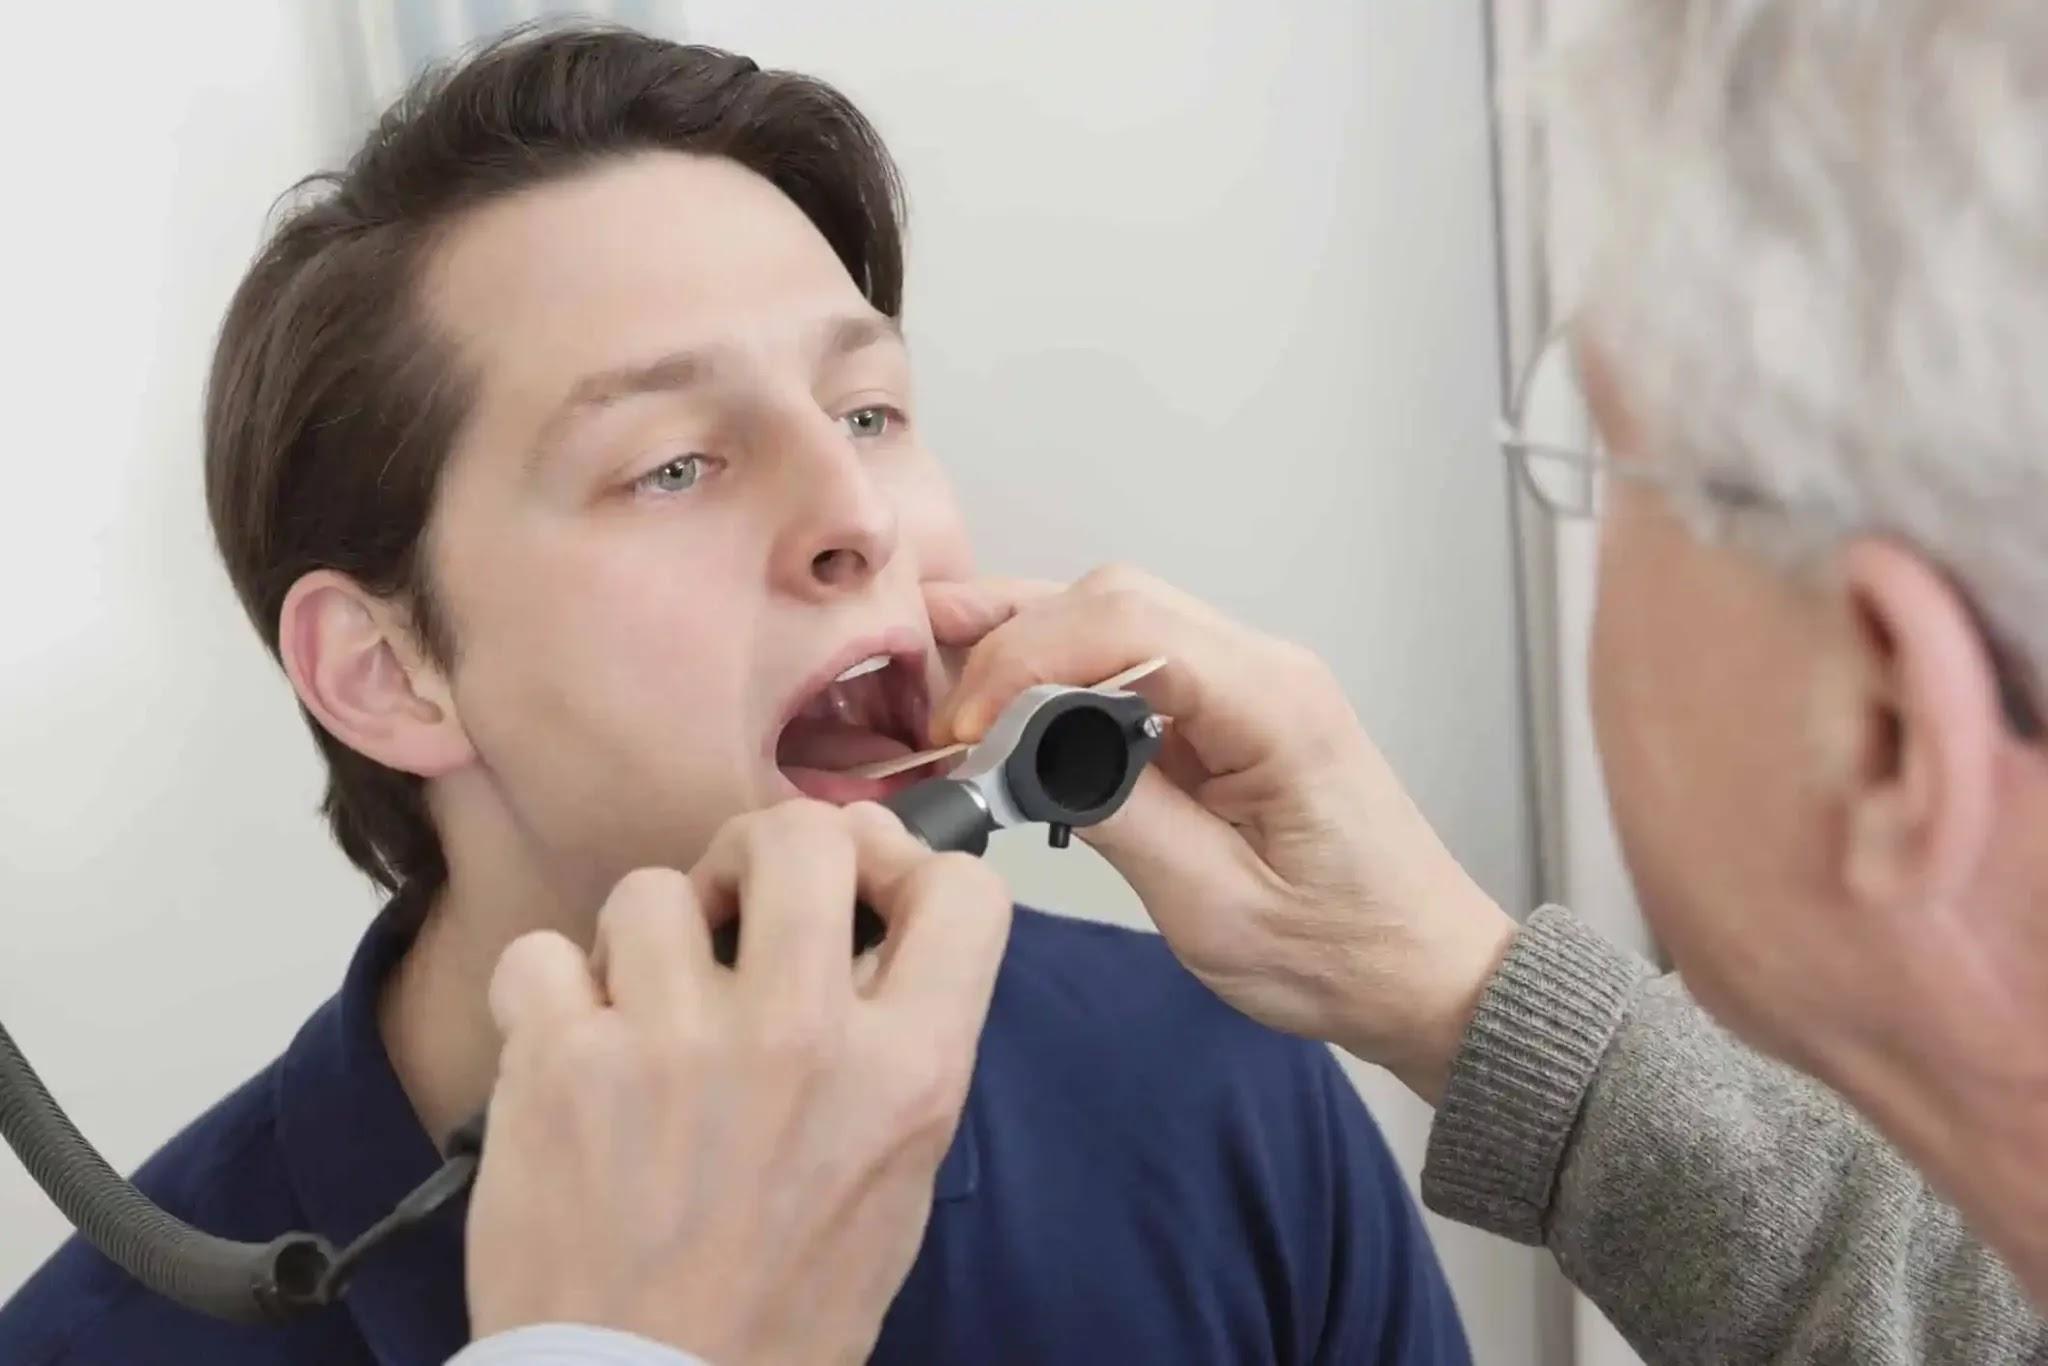 سرطانات الانف والاذن والحنجرة